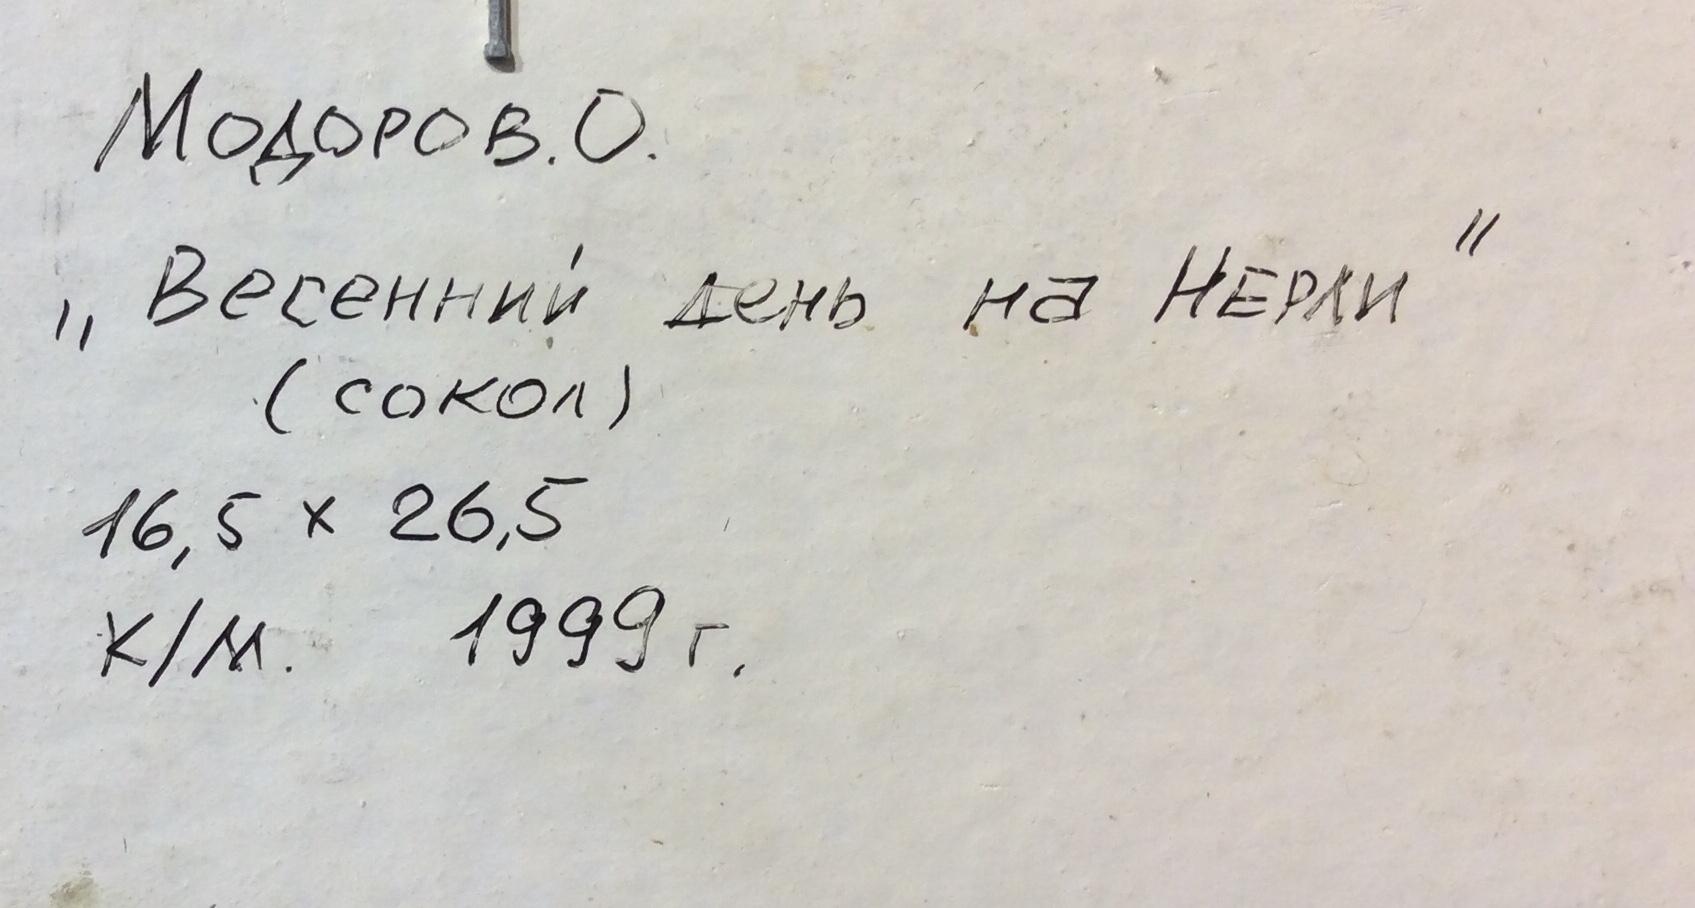 Оборот. Модоров Олег Николаевич. Весенний день на Нерли